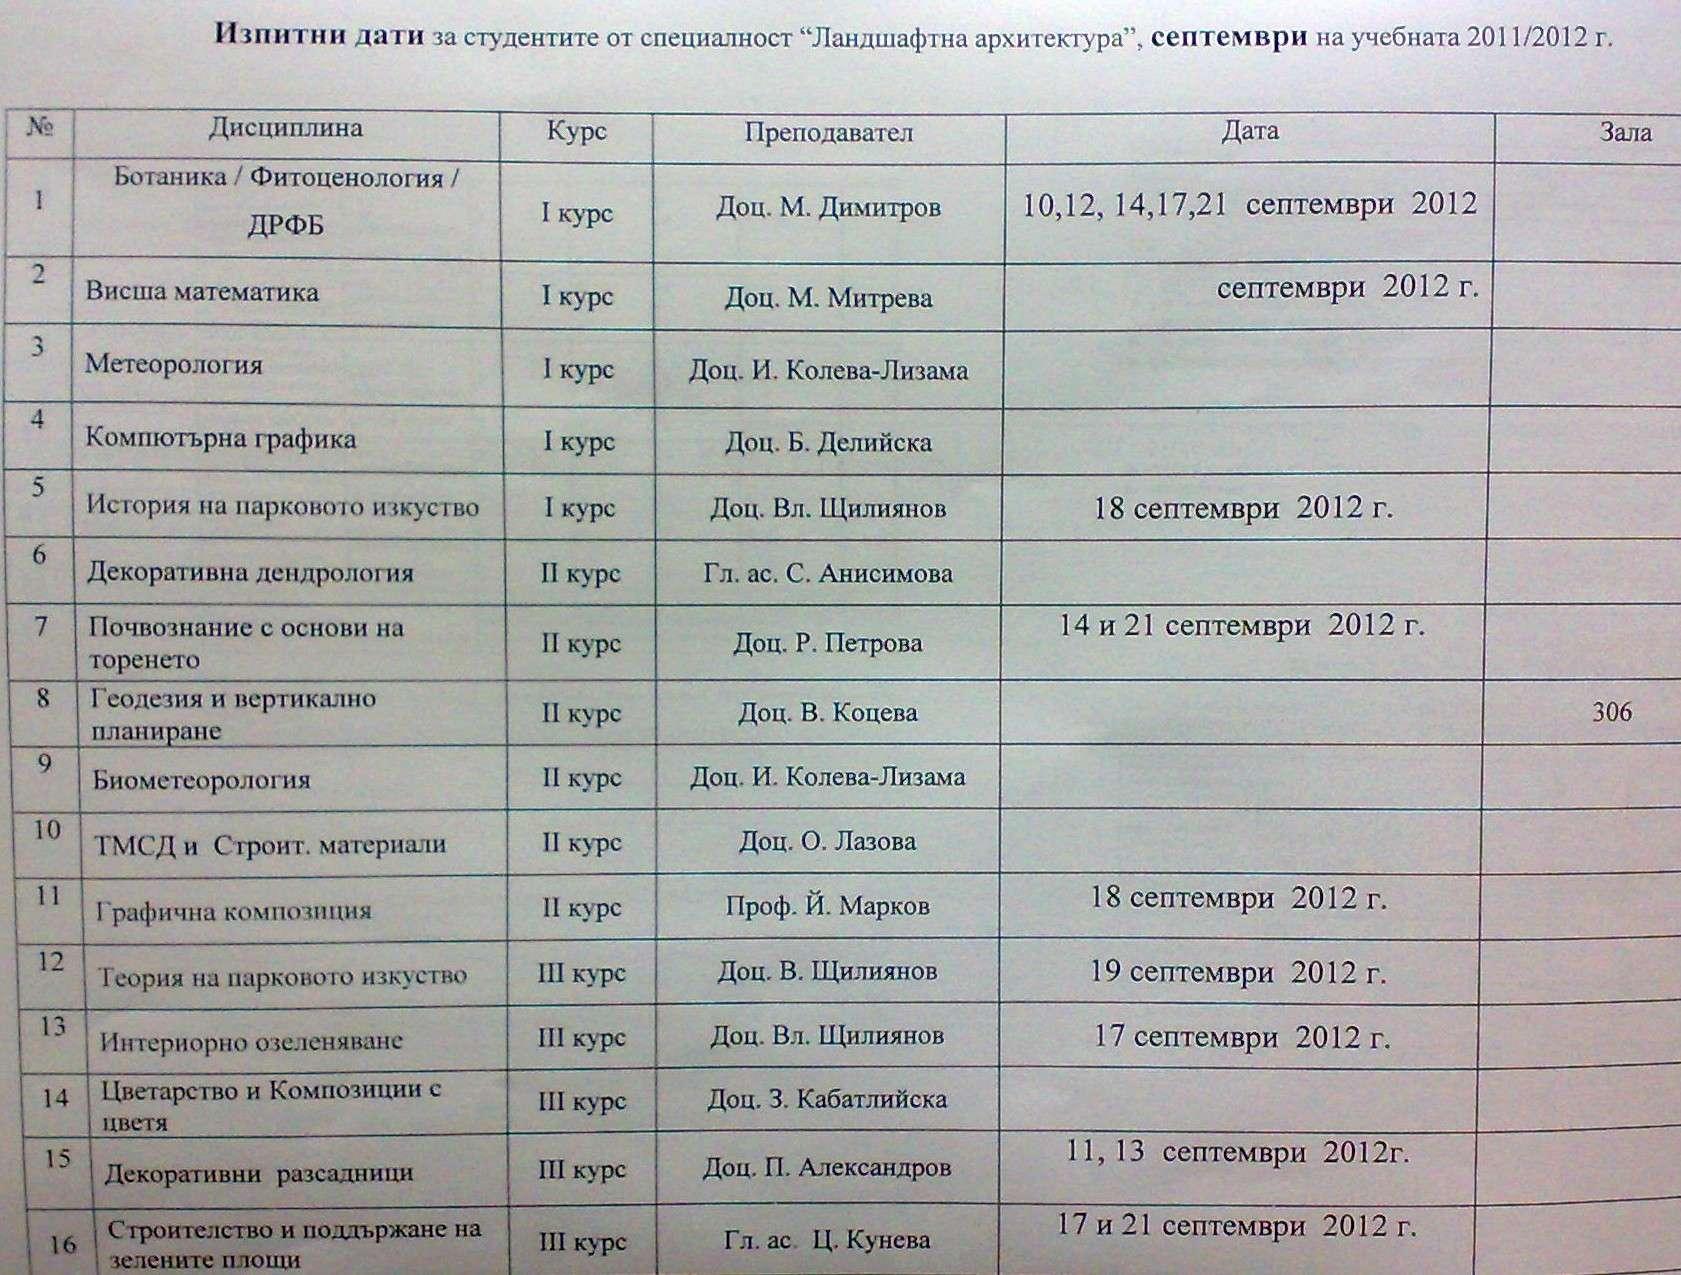 Поправителна сесия 2012 - ЛА 13082010